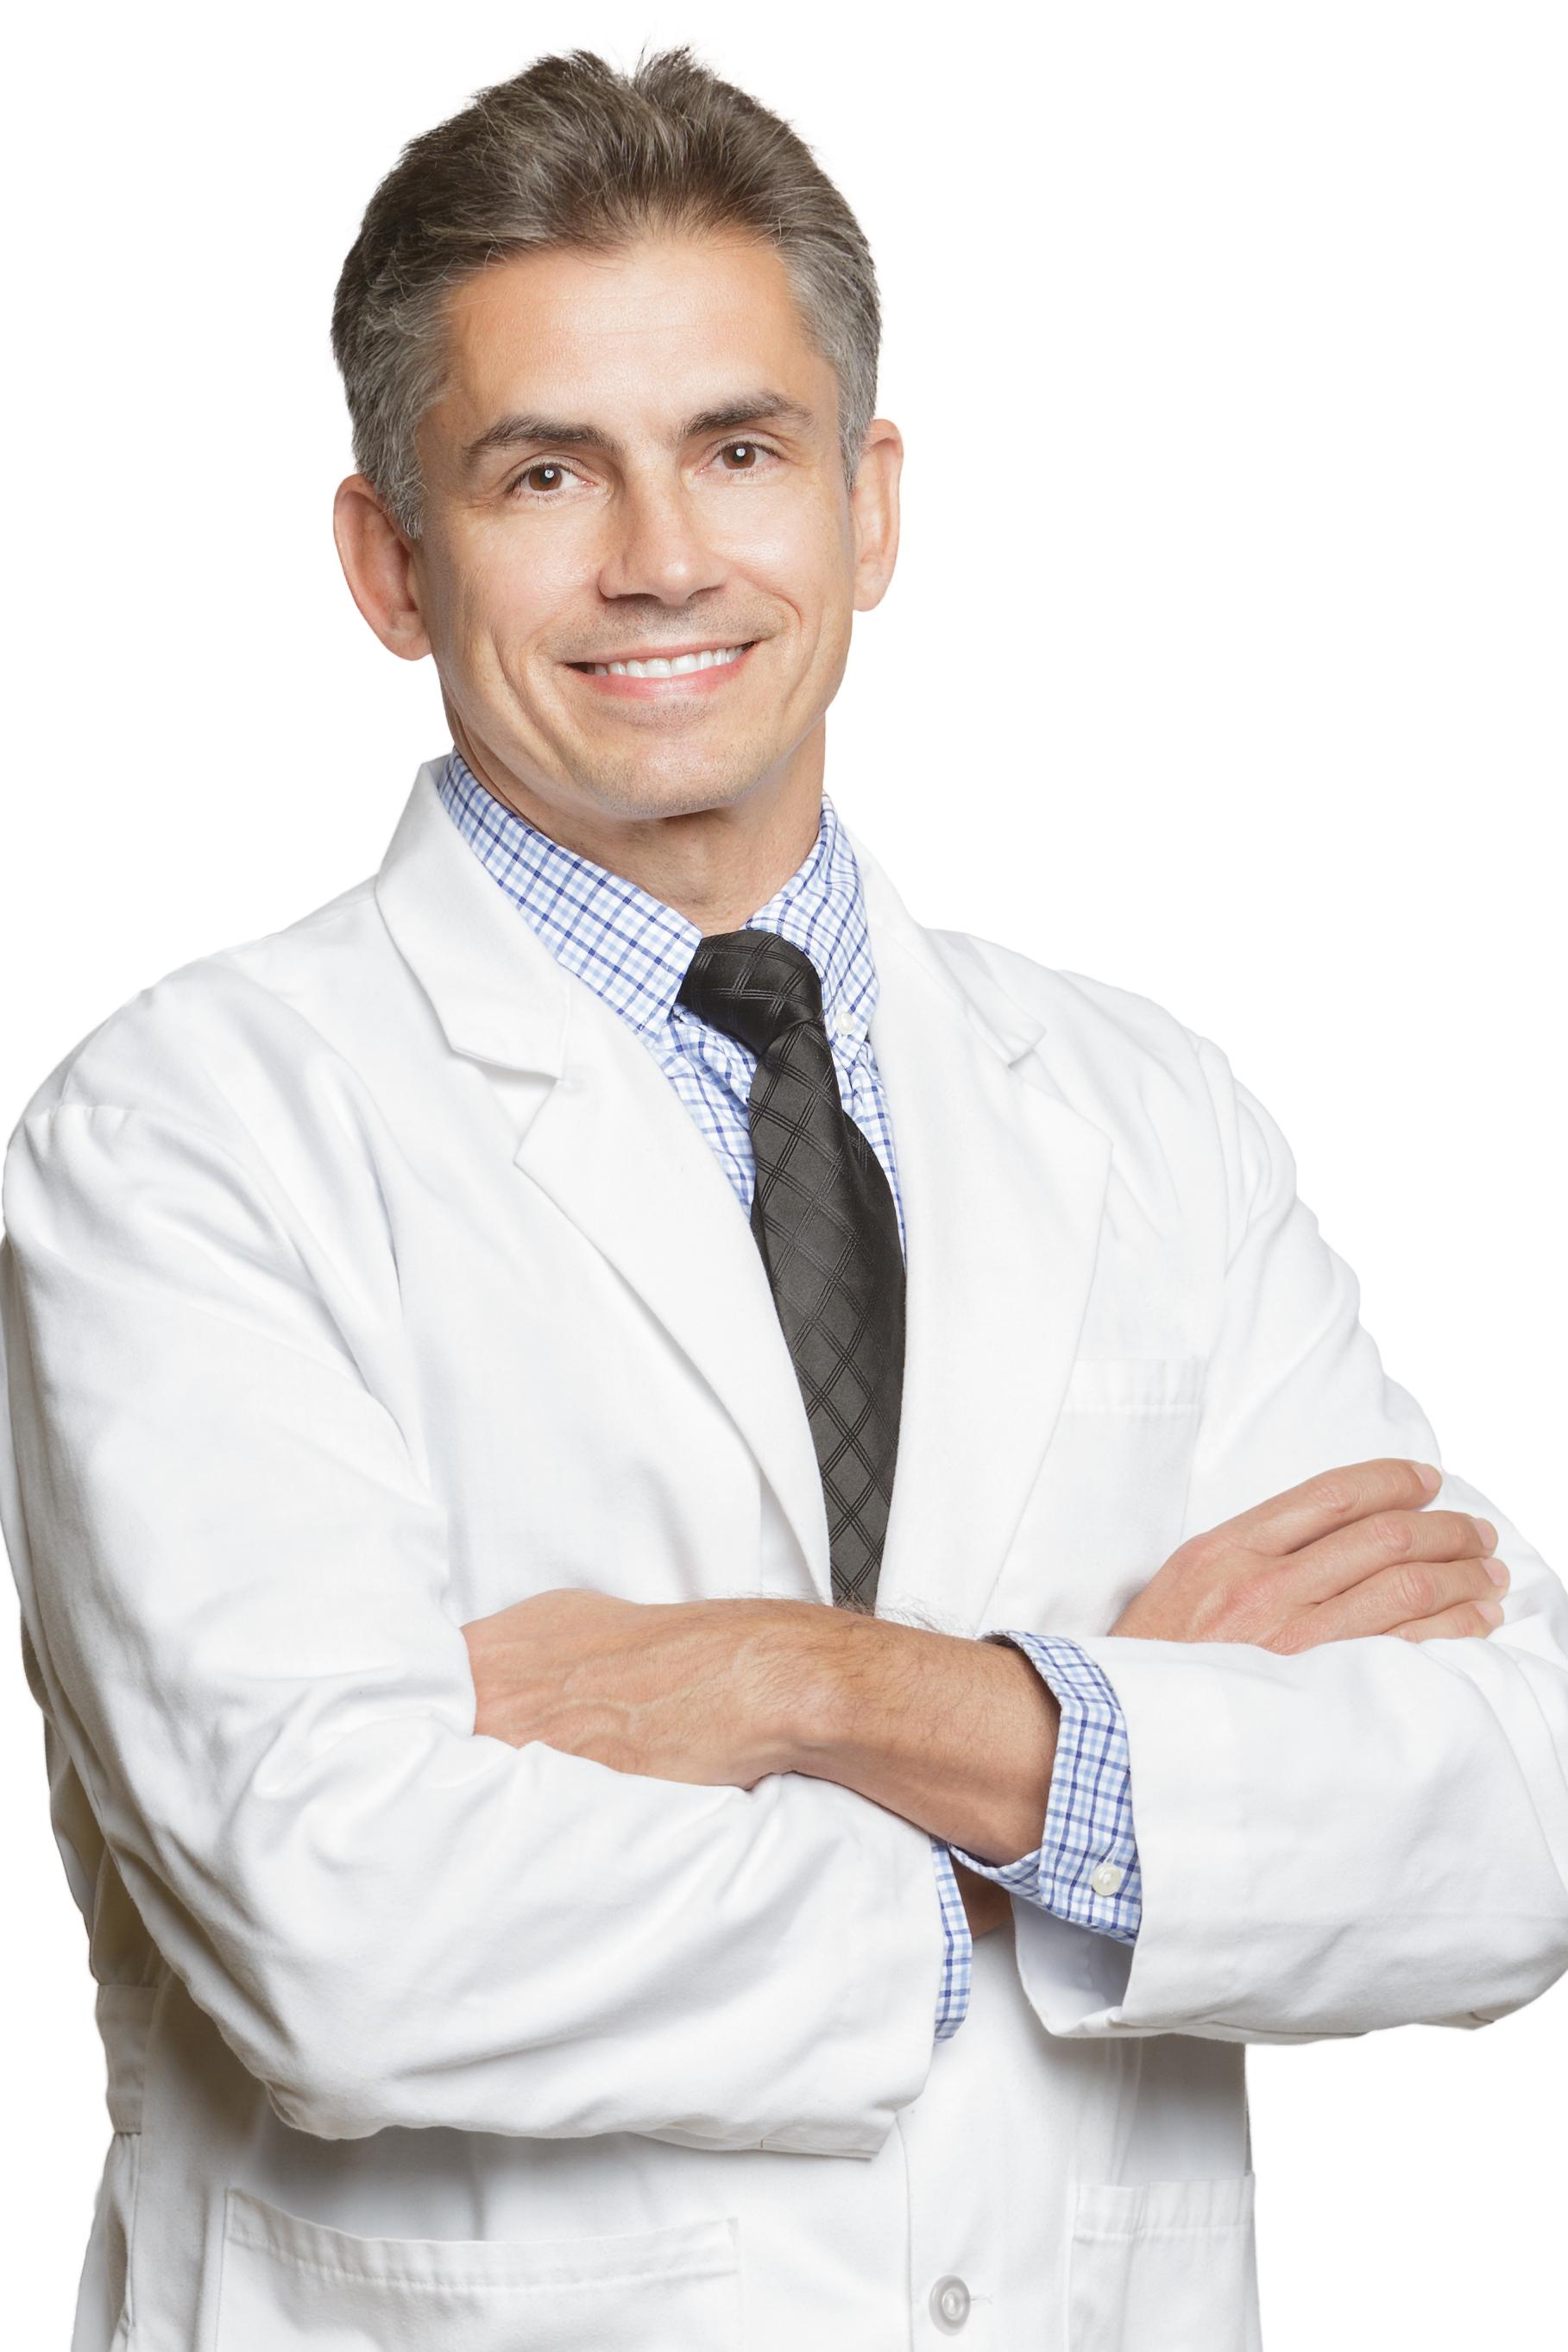 George vonHilsheimer, M.D.